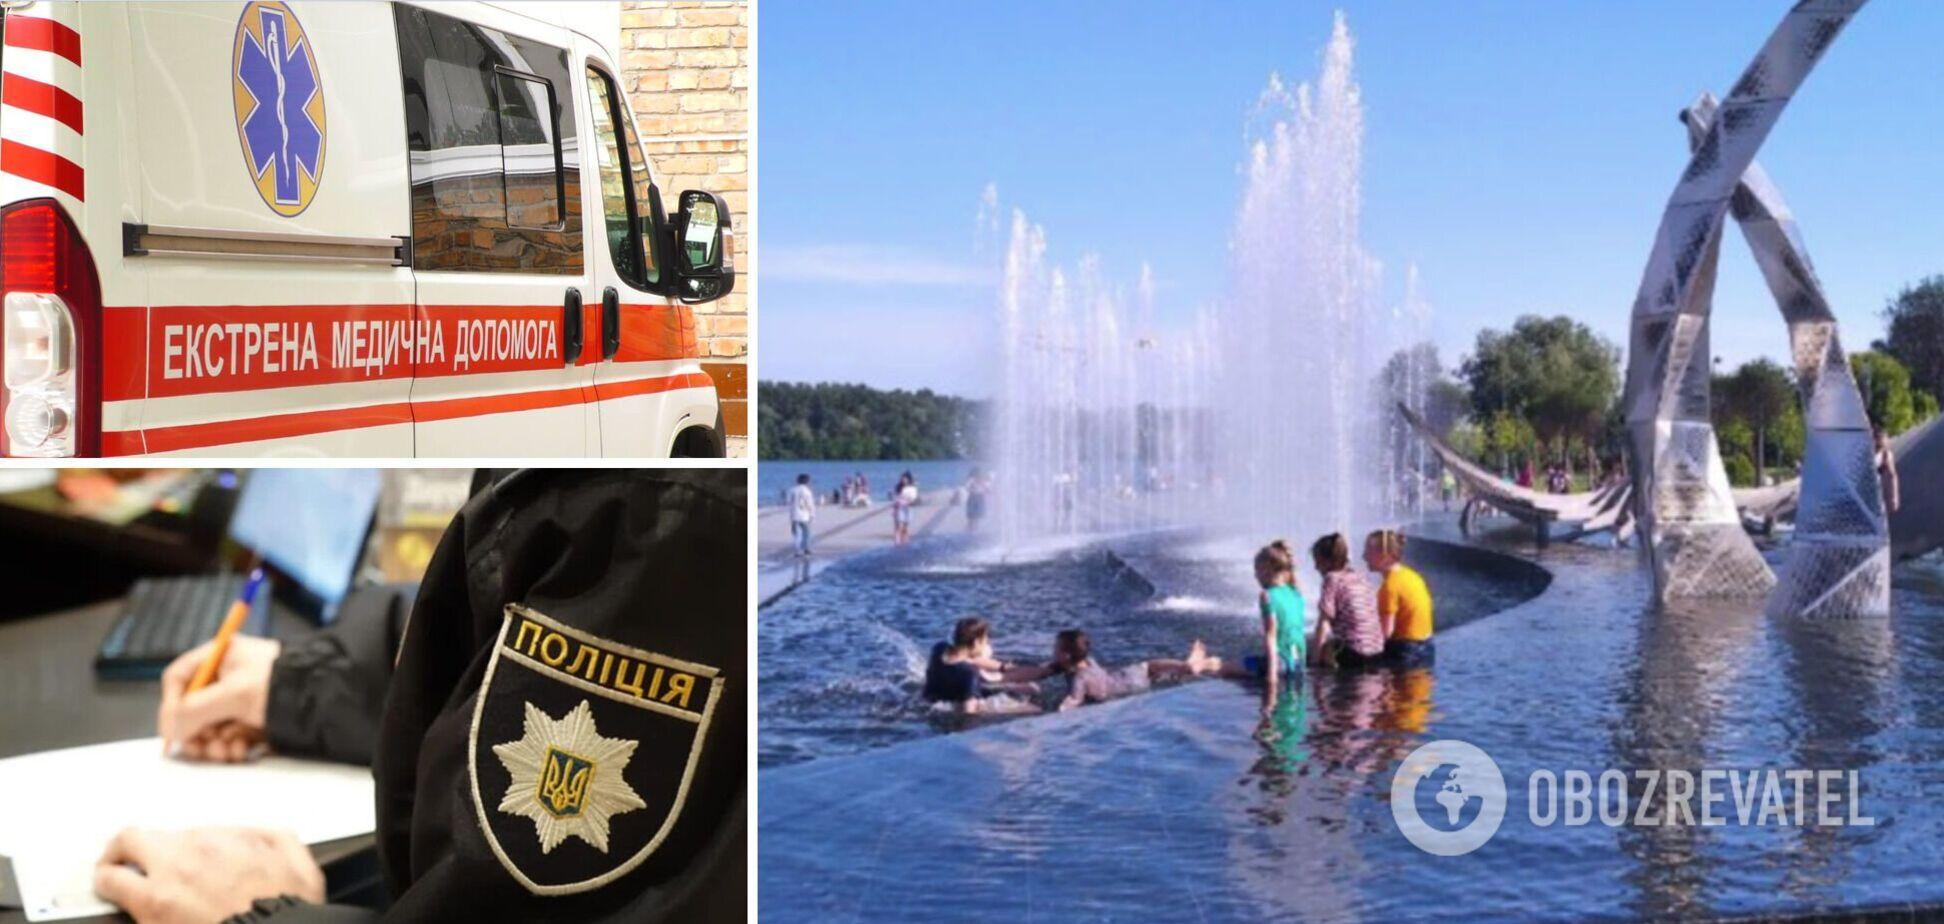 Матері дитини, яка померла після падіння у фонтан у Дніпрі, загрожує позбавлення волі